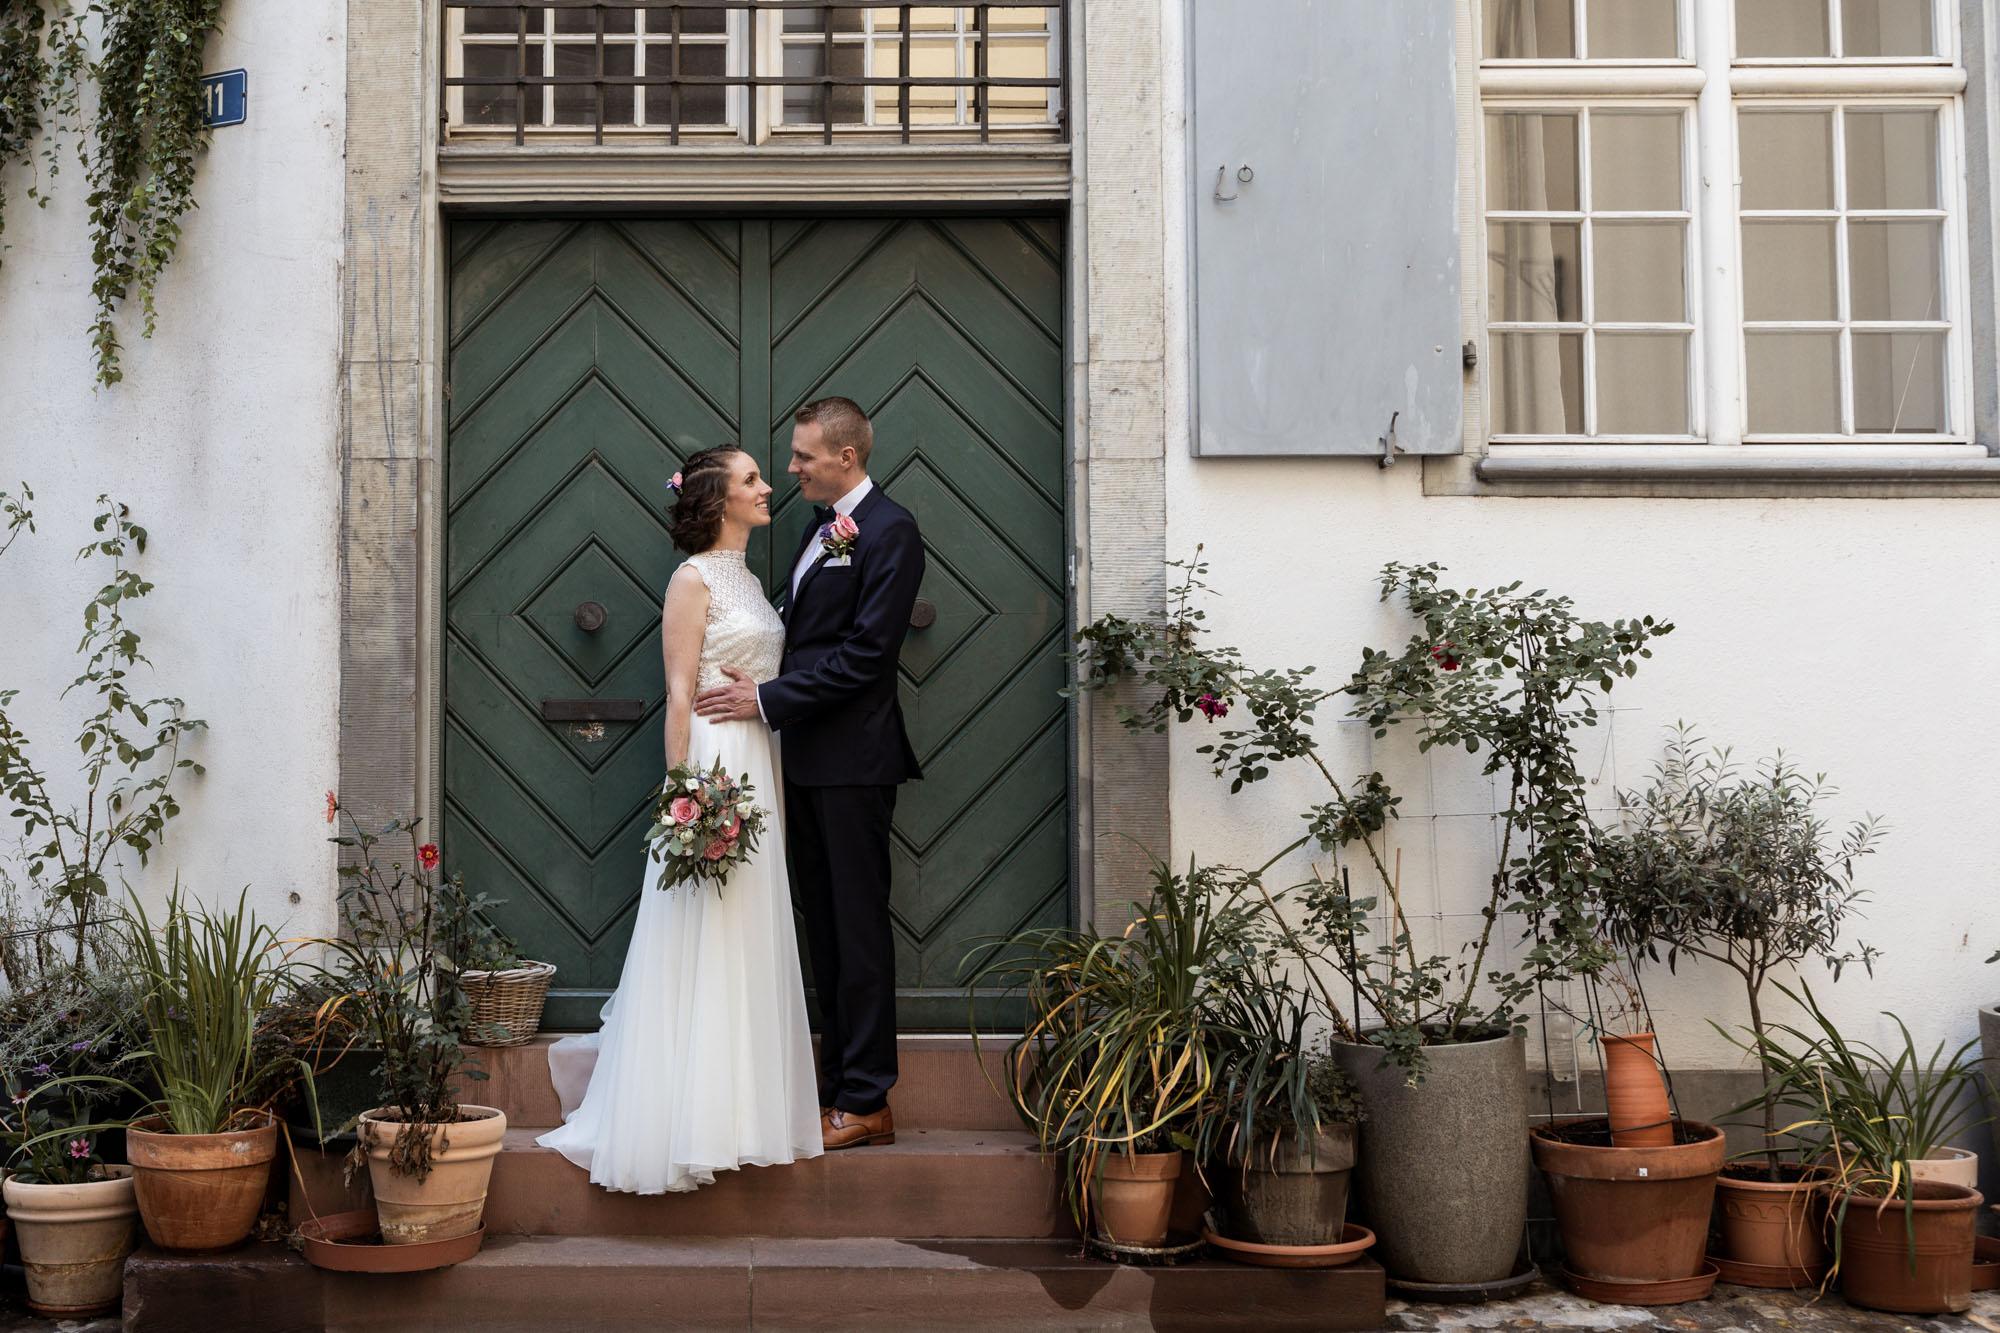 Das Paar vor der grünen Türe - Hochzeitsfotografen Basel